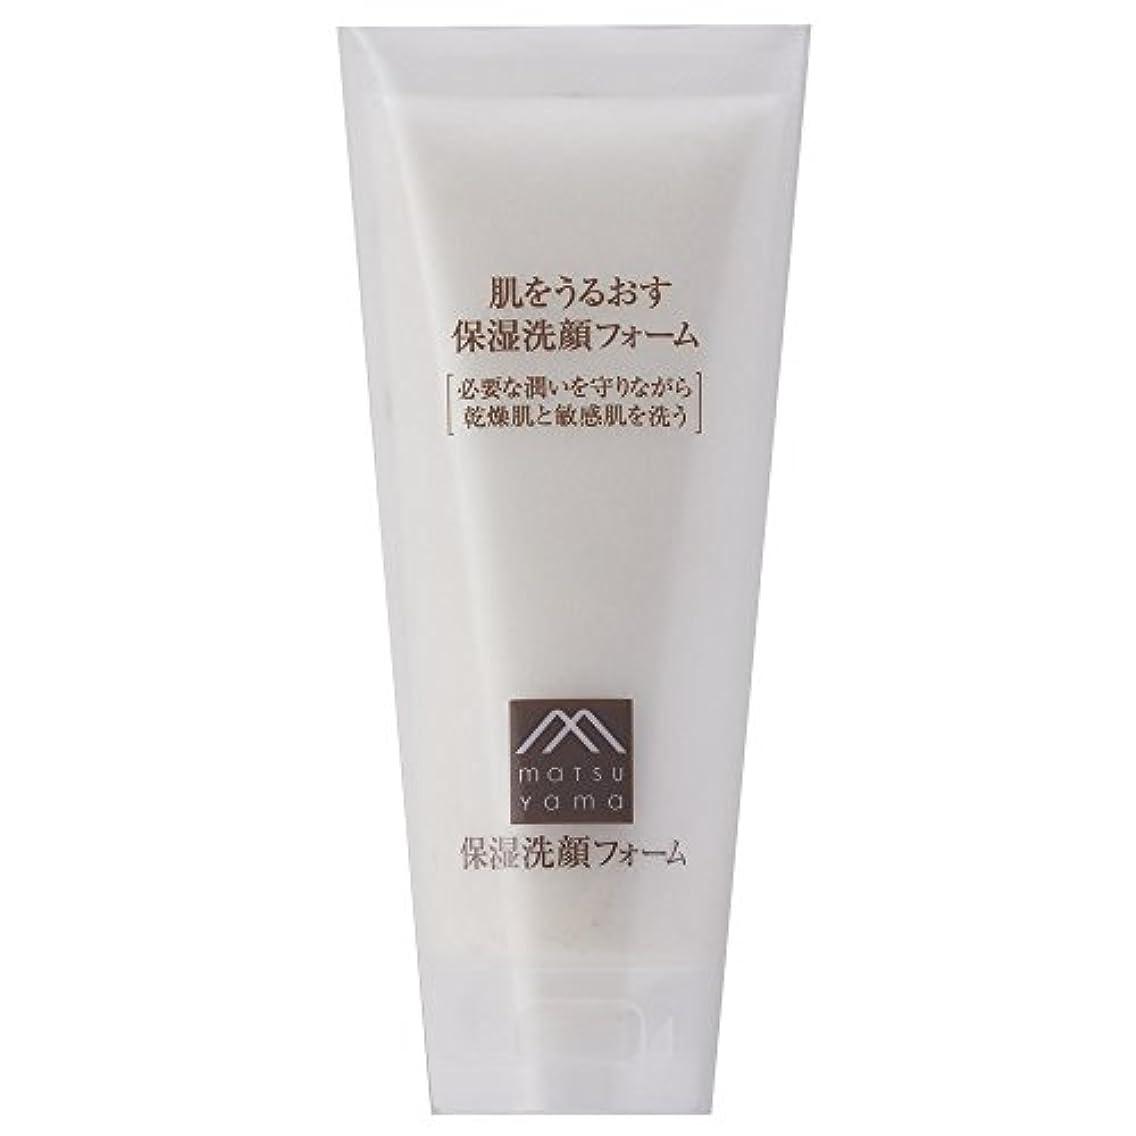 自発群集シャンプー肌をうるおす保湿洗顔フォーム(洗顔料) [乾燥肌 敏感肌]